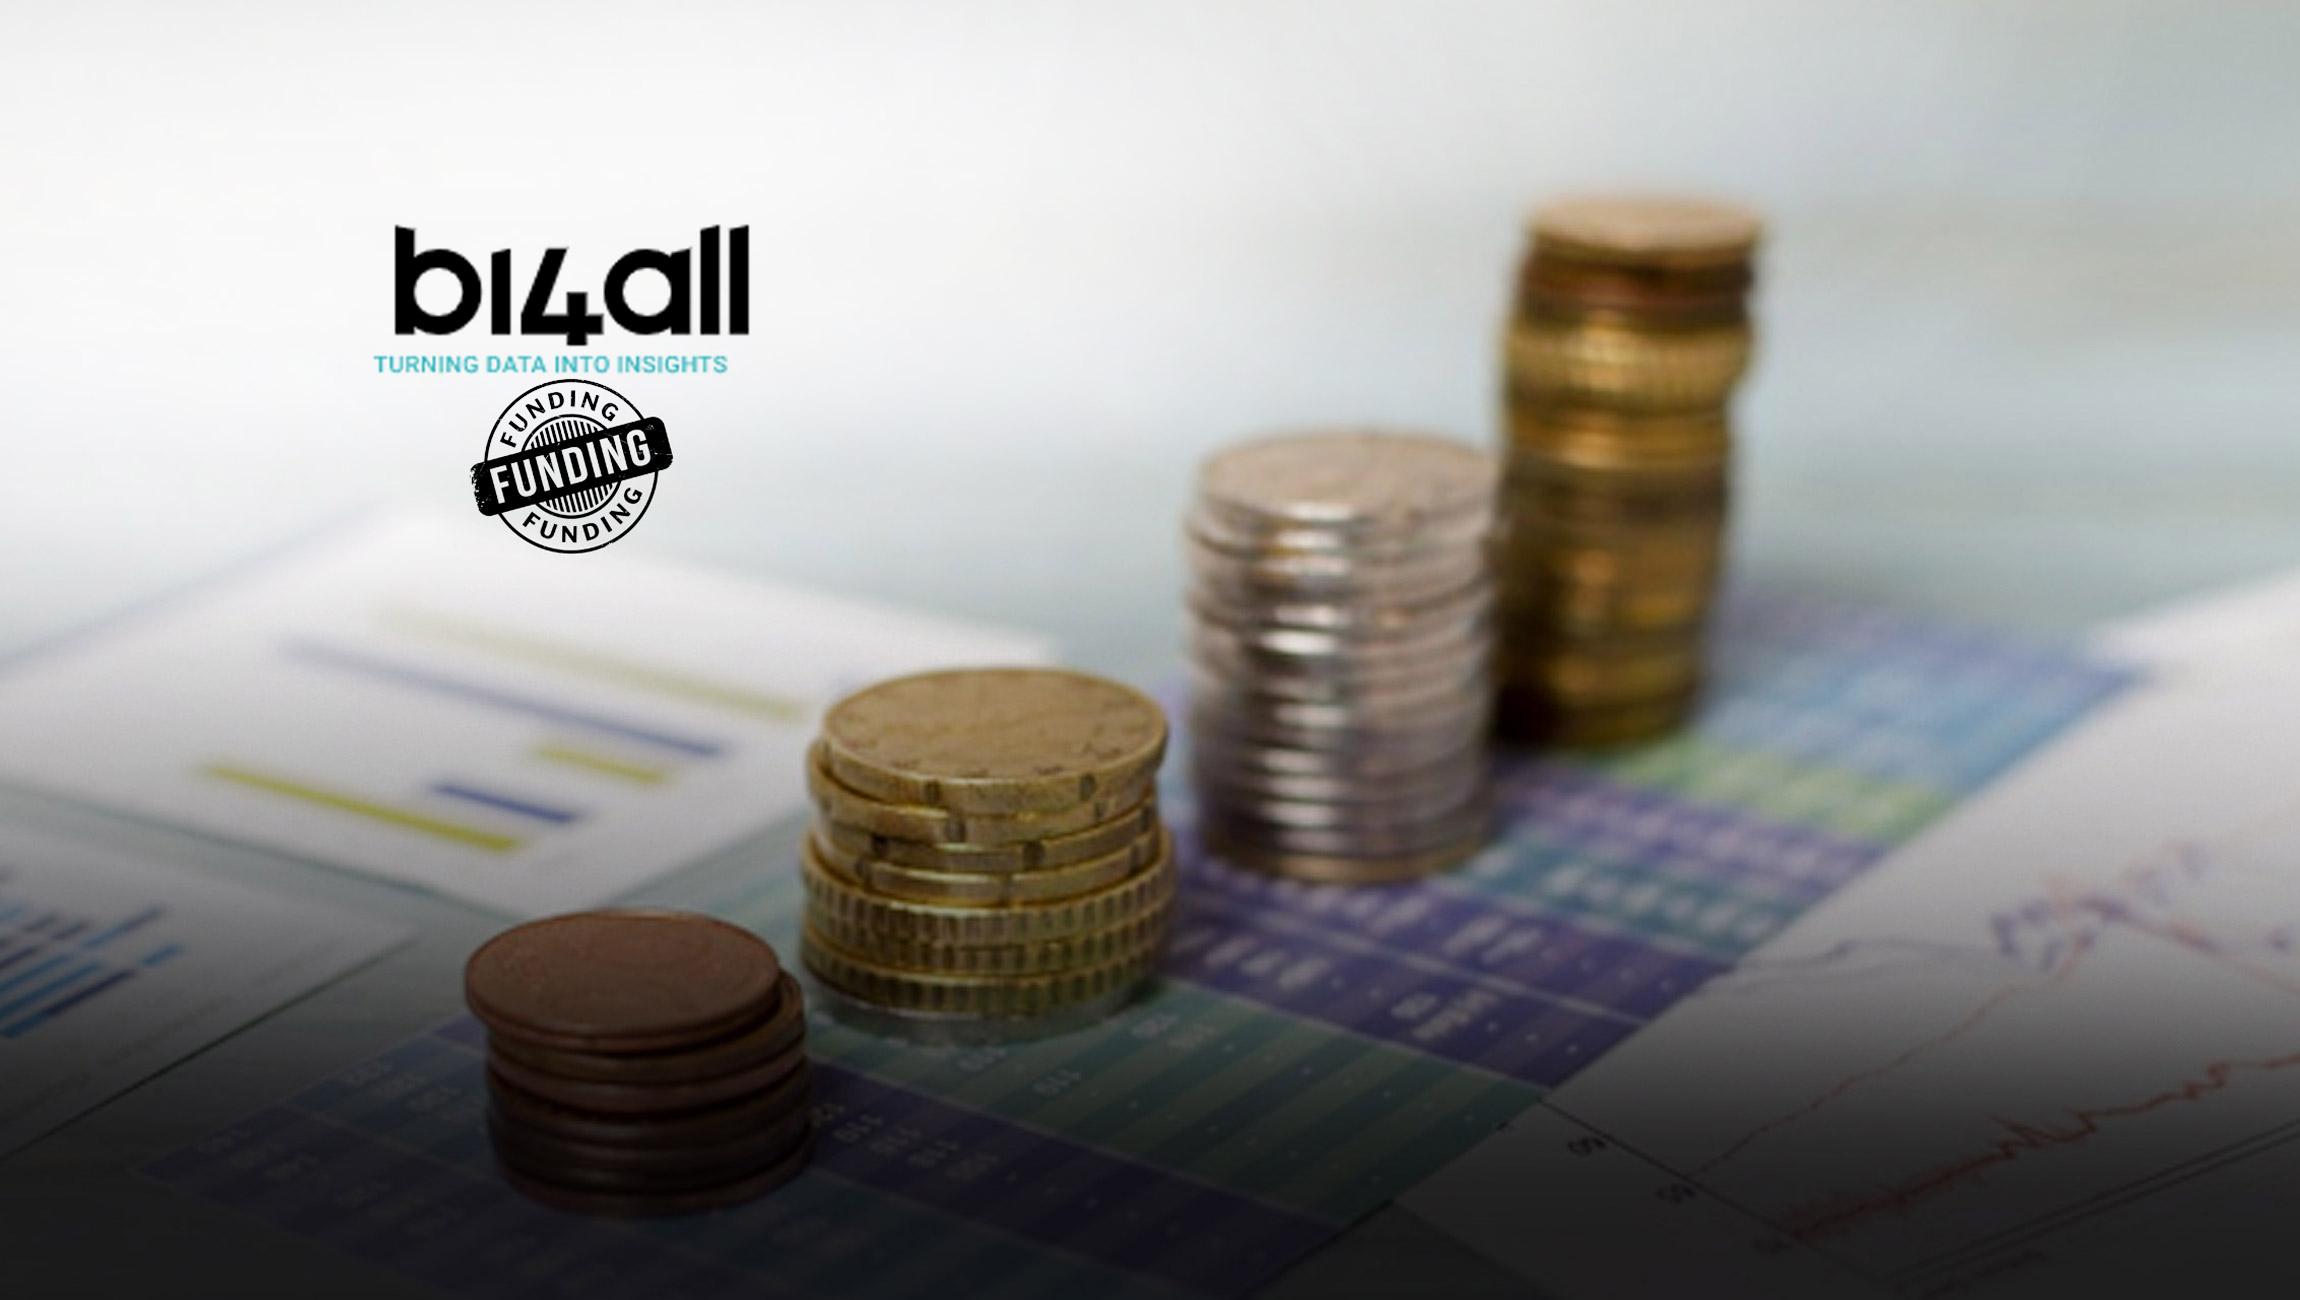 BI4ALL Achieves Record Turnover of 17.7 Million Euros